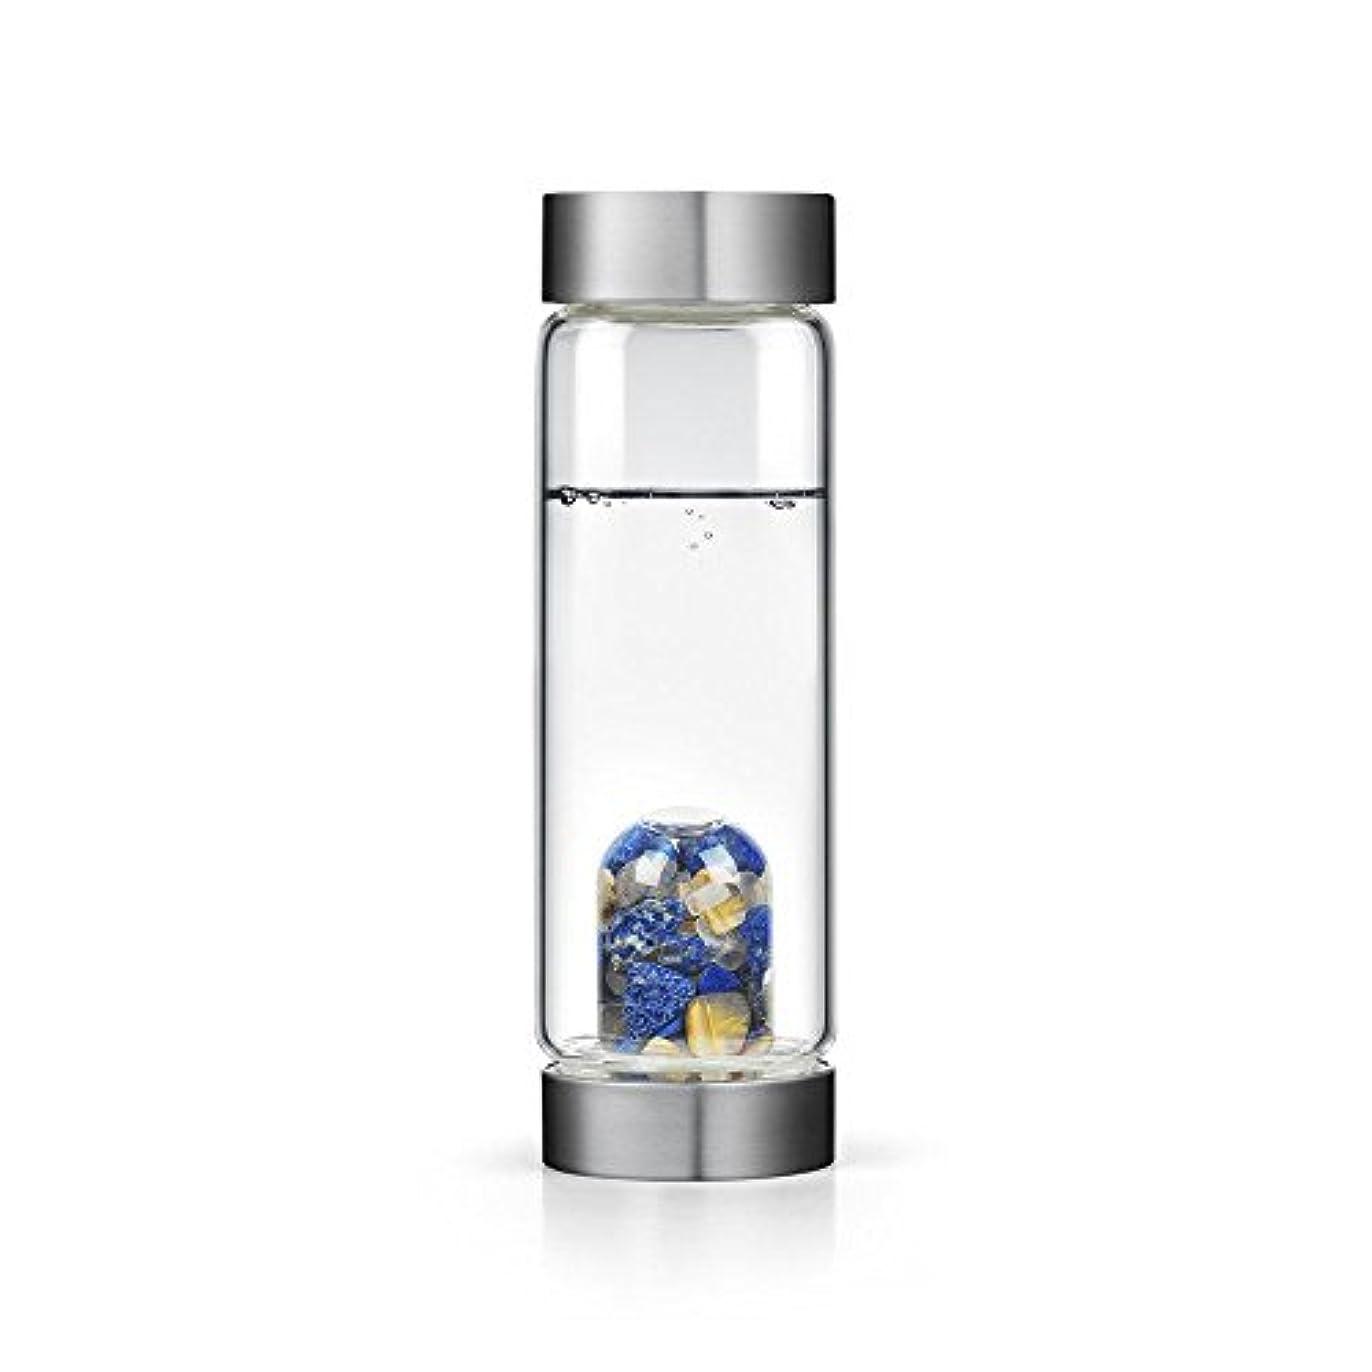 教科書ヒューマニスティック取り出すインスピレーションgem-waterボトルby VitaJuwel W / Freeカリフォルニアホワイトセージバンドル 16.9 fl oz